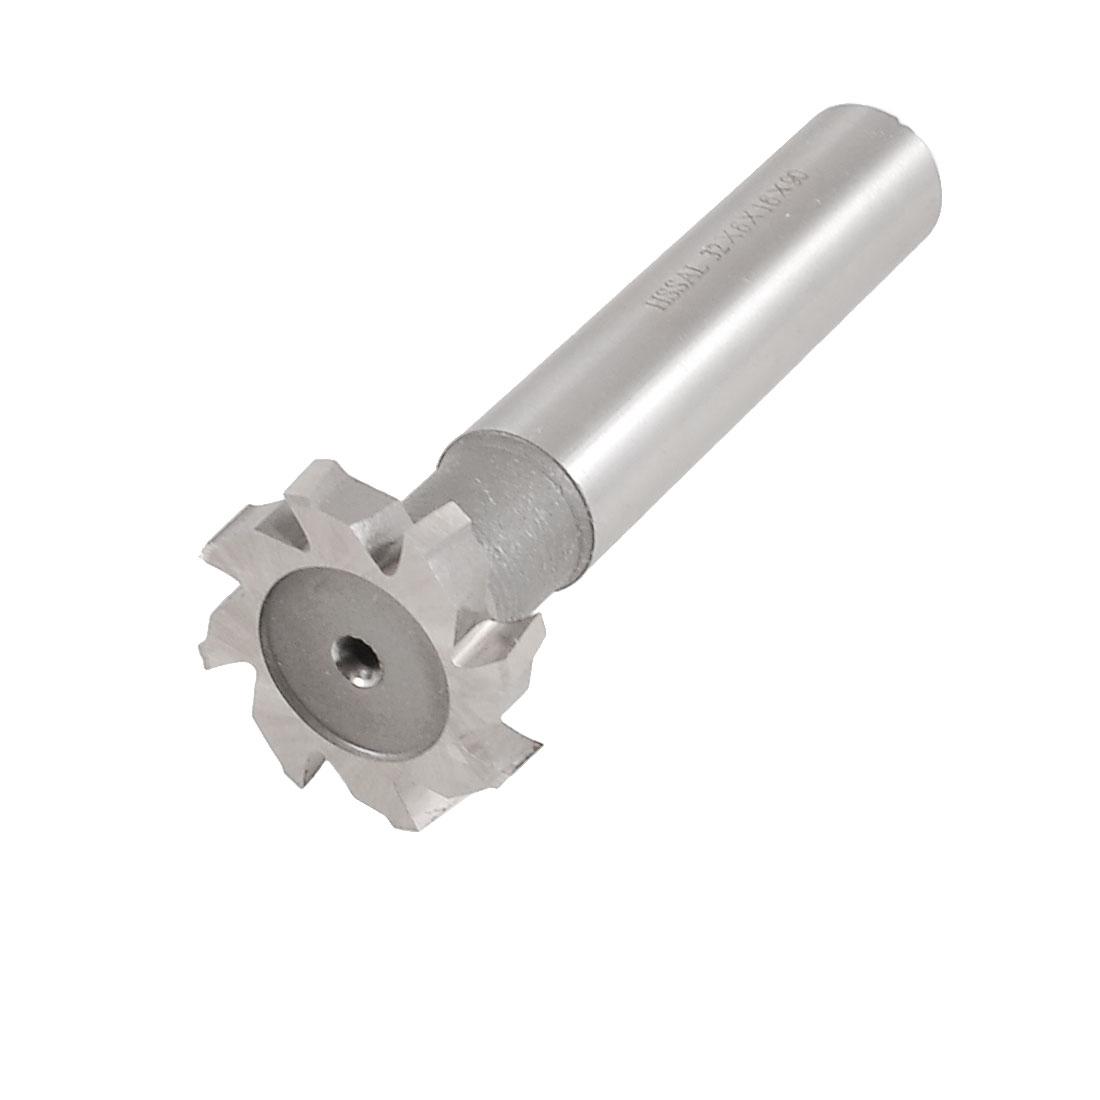 """Straight Shank 8 Flutes 1 7/25"""" x 15/64"""" HSS AL T Slot Cutter w Plastic Storage Box"""